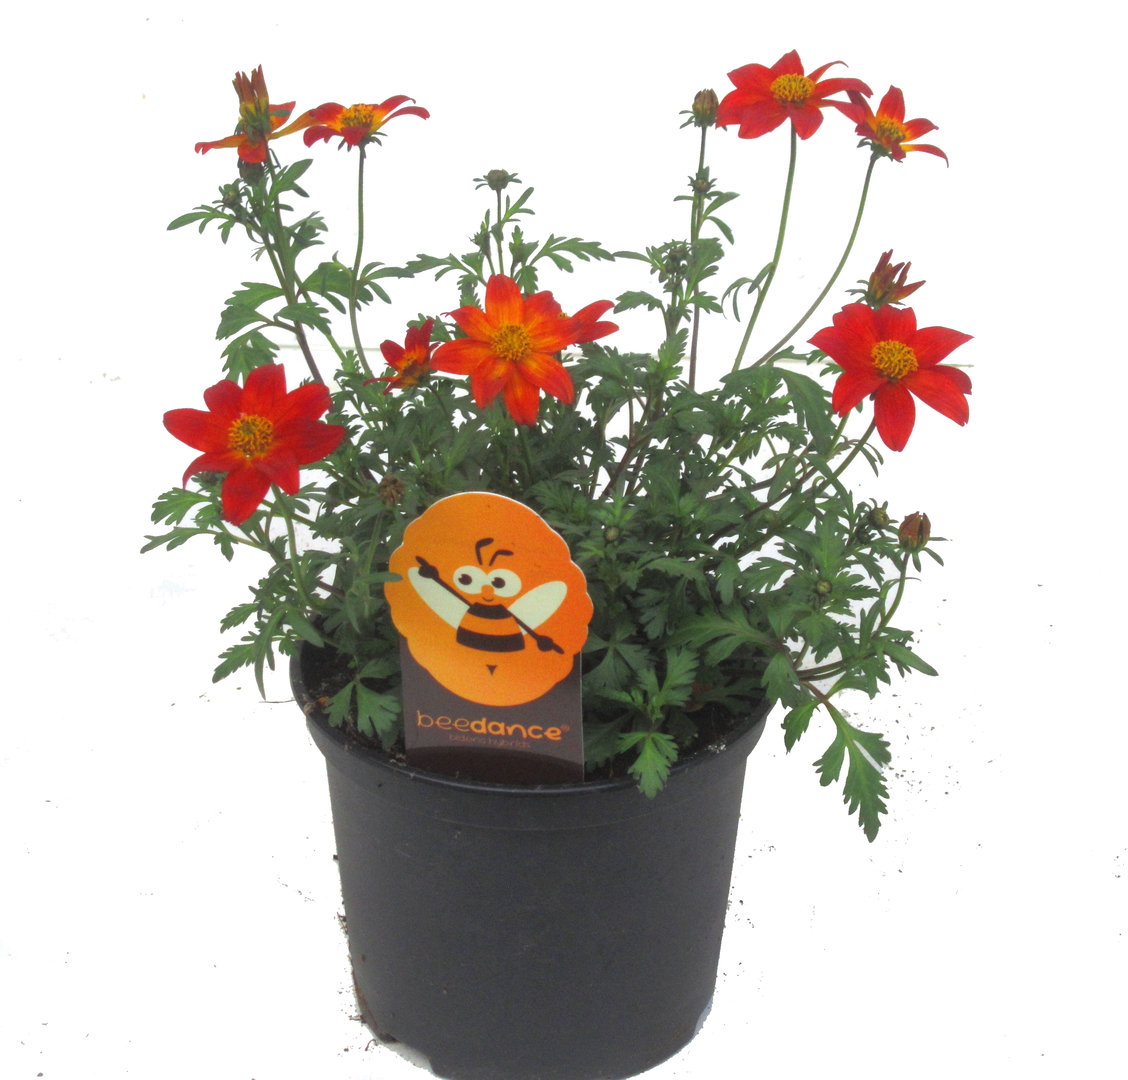 Zimmerpflanzen Die Direkte Sonne Vertragen grabpflanzen für die sonne pflanzen versand für die besten